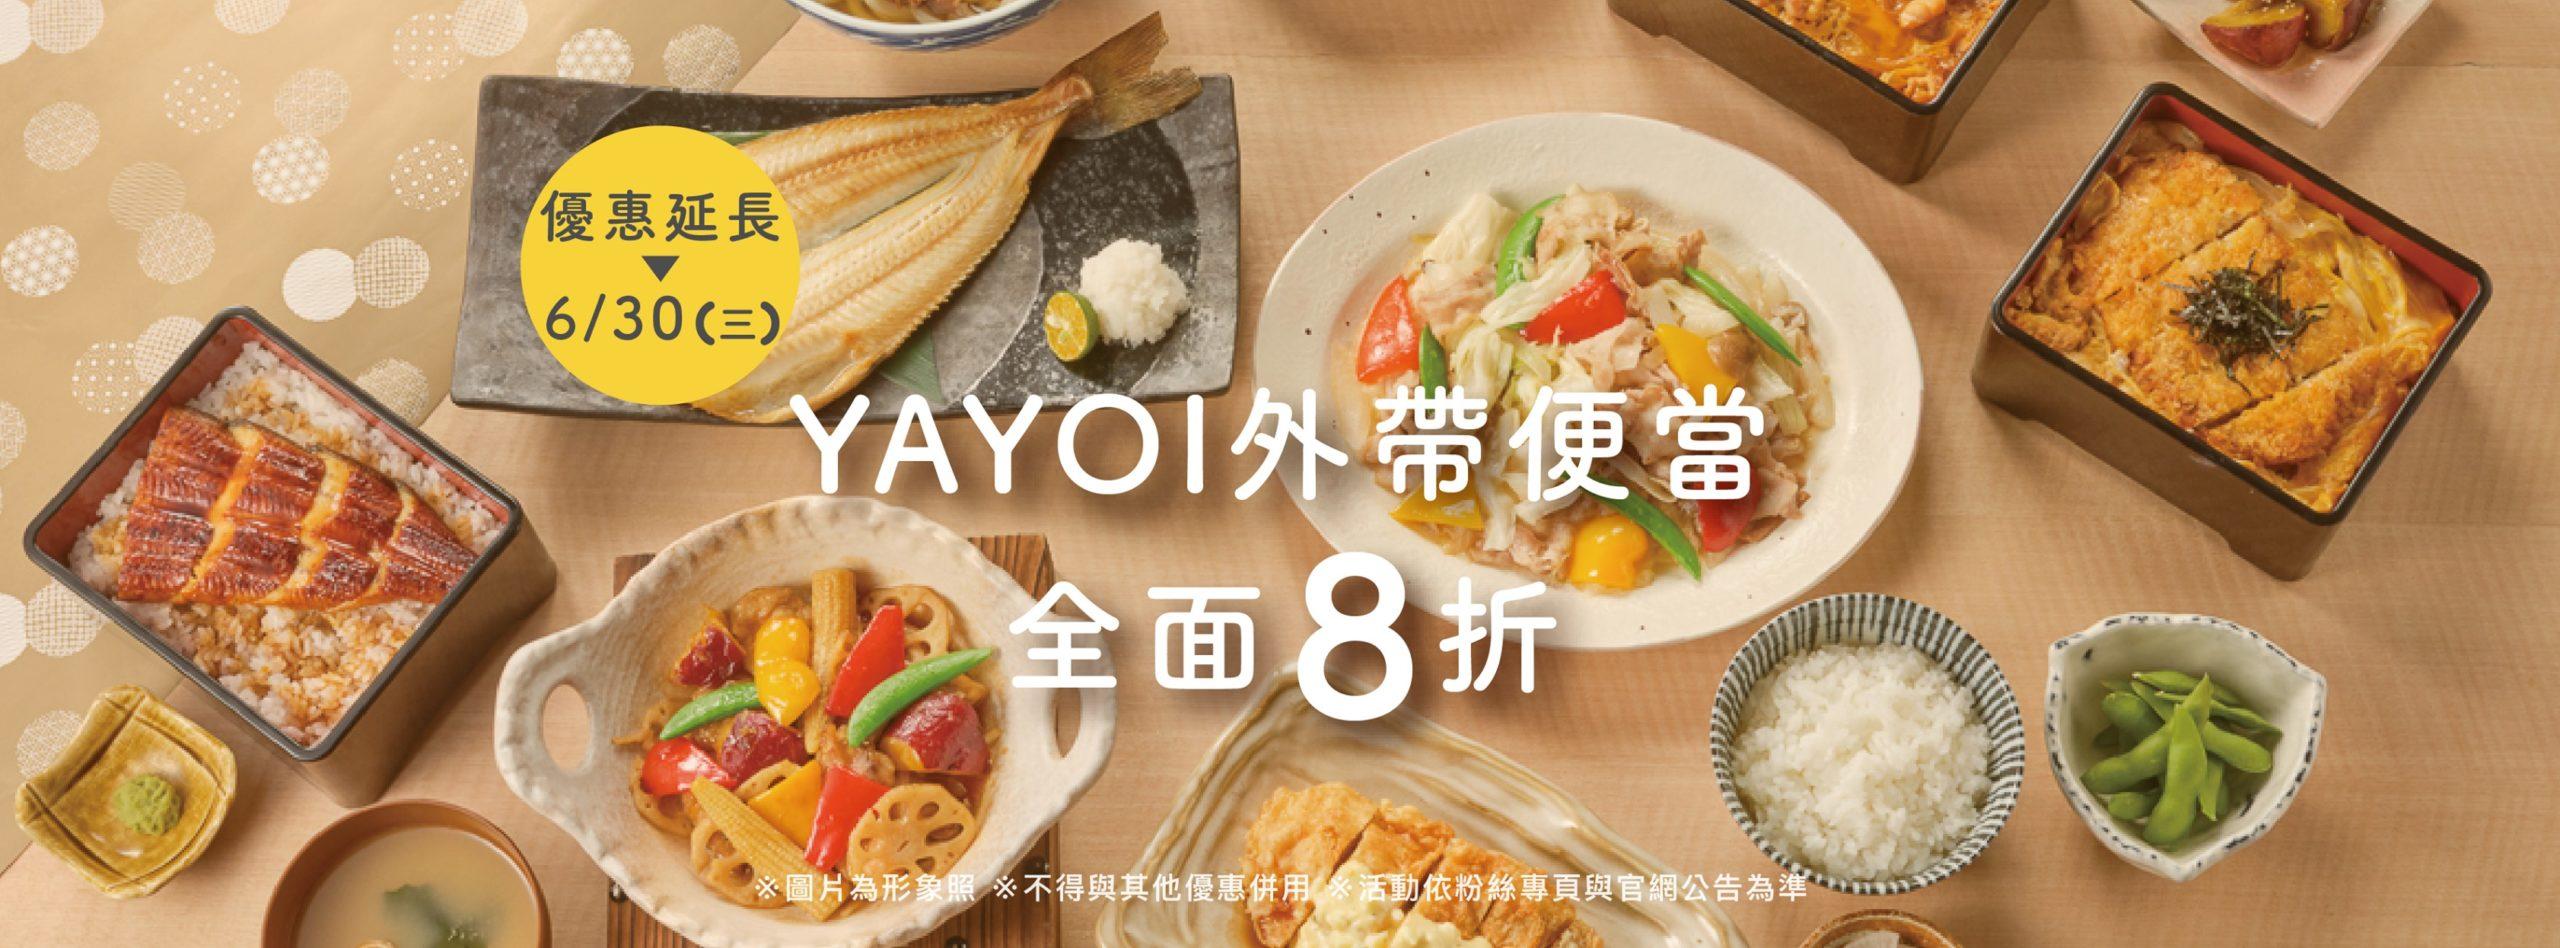 台北外帶美食 優惠餐廳總整理 防疫期間外帶優惠總整理! 連鎖品牌外帶優惠懶人包 30